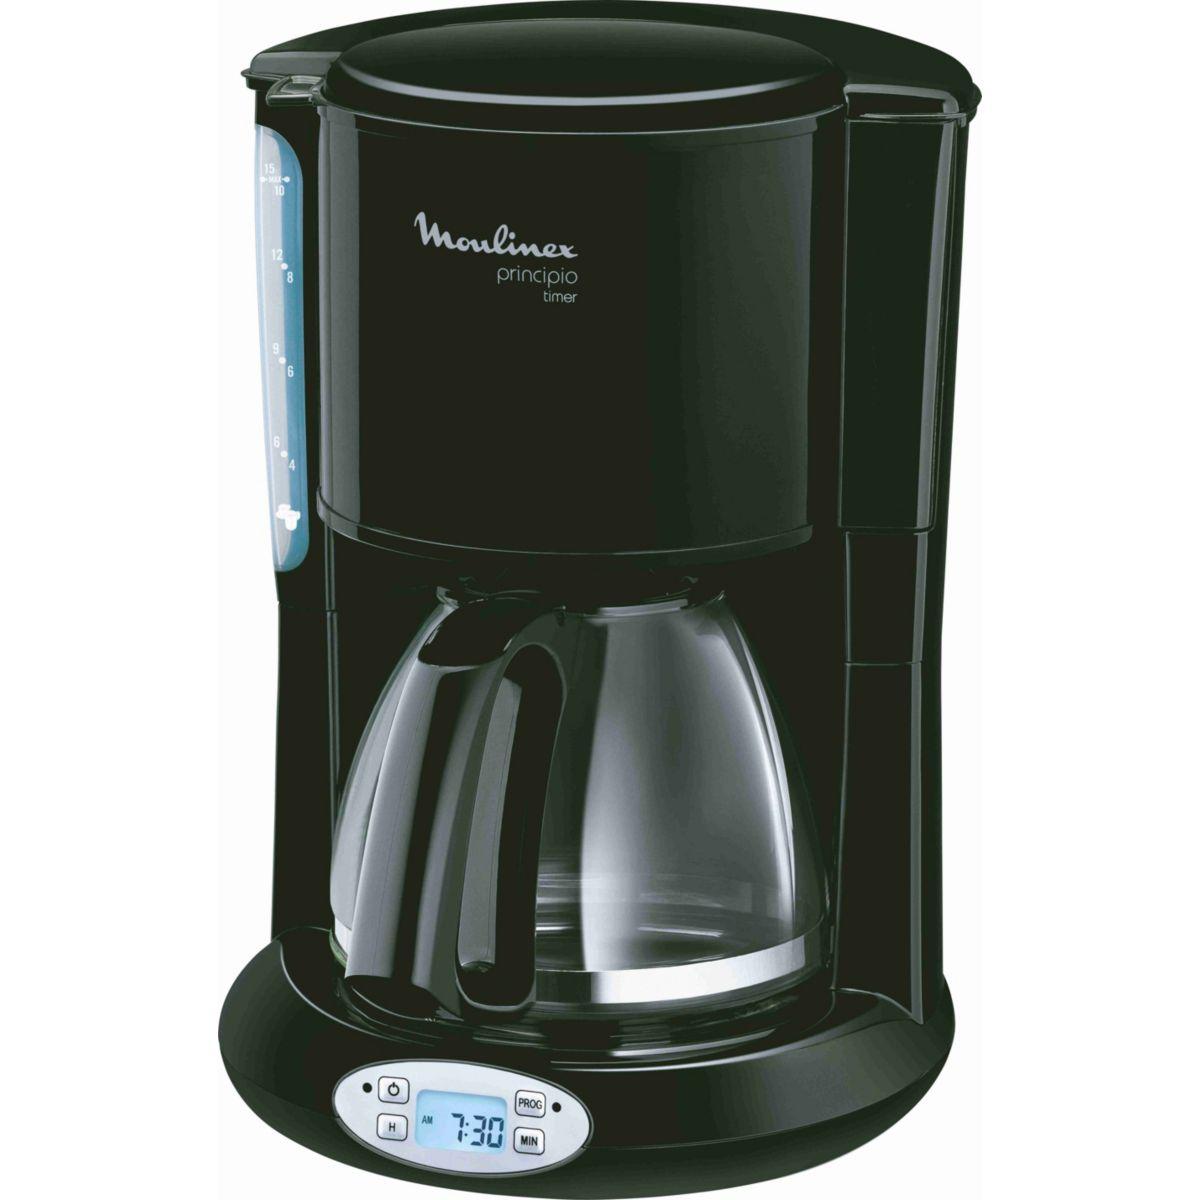 Cafetière programmable MOULINEX FG262810 Principio noire